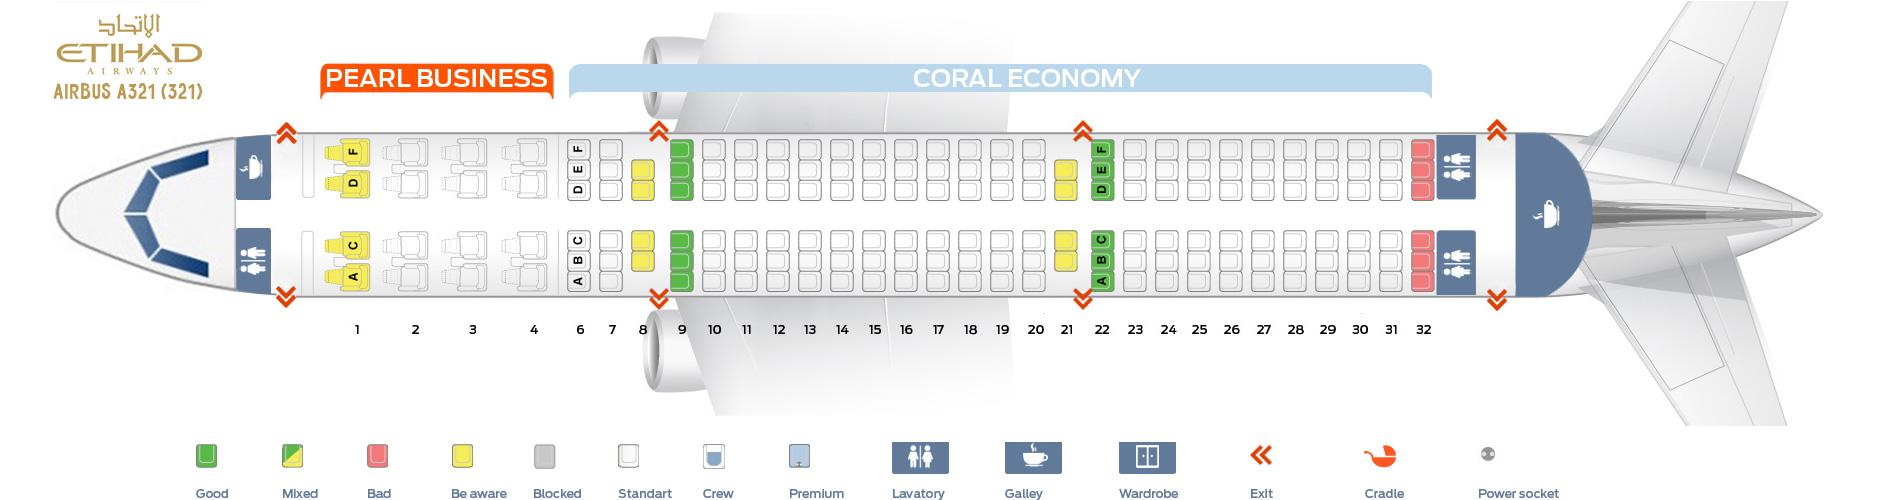 Seat Map Airbus A321-200 Etihad Airways